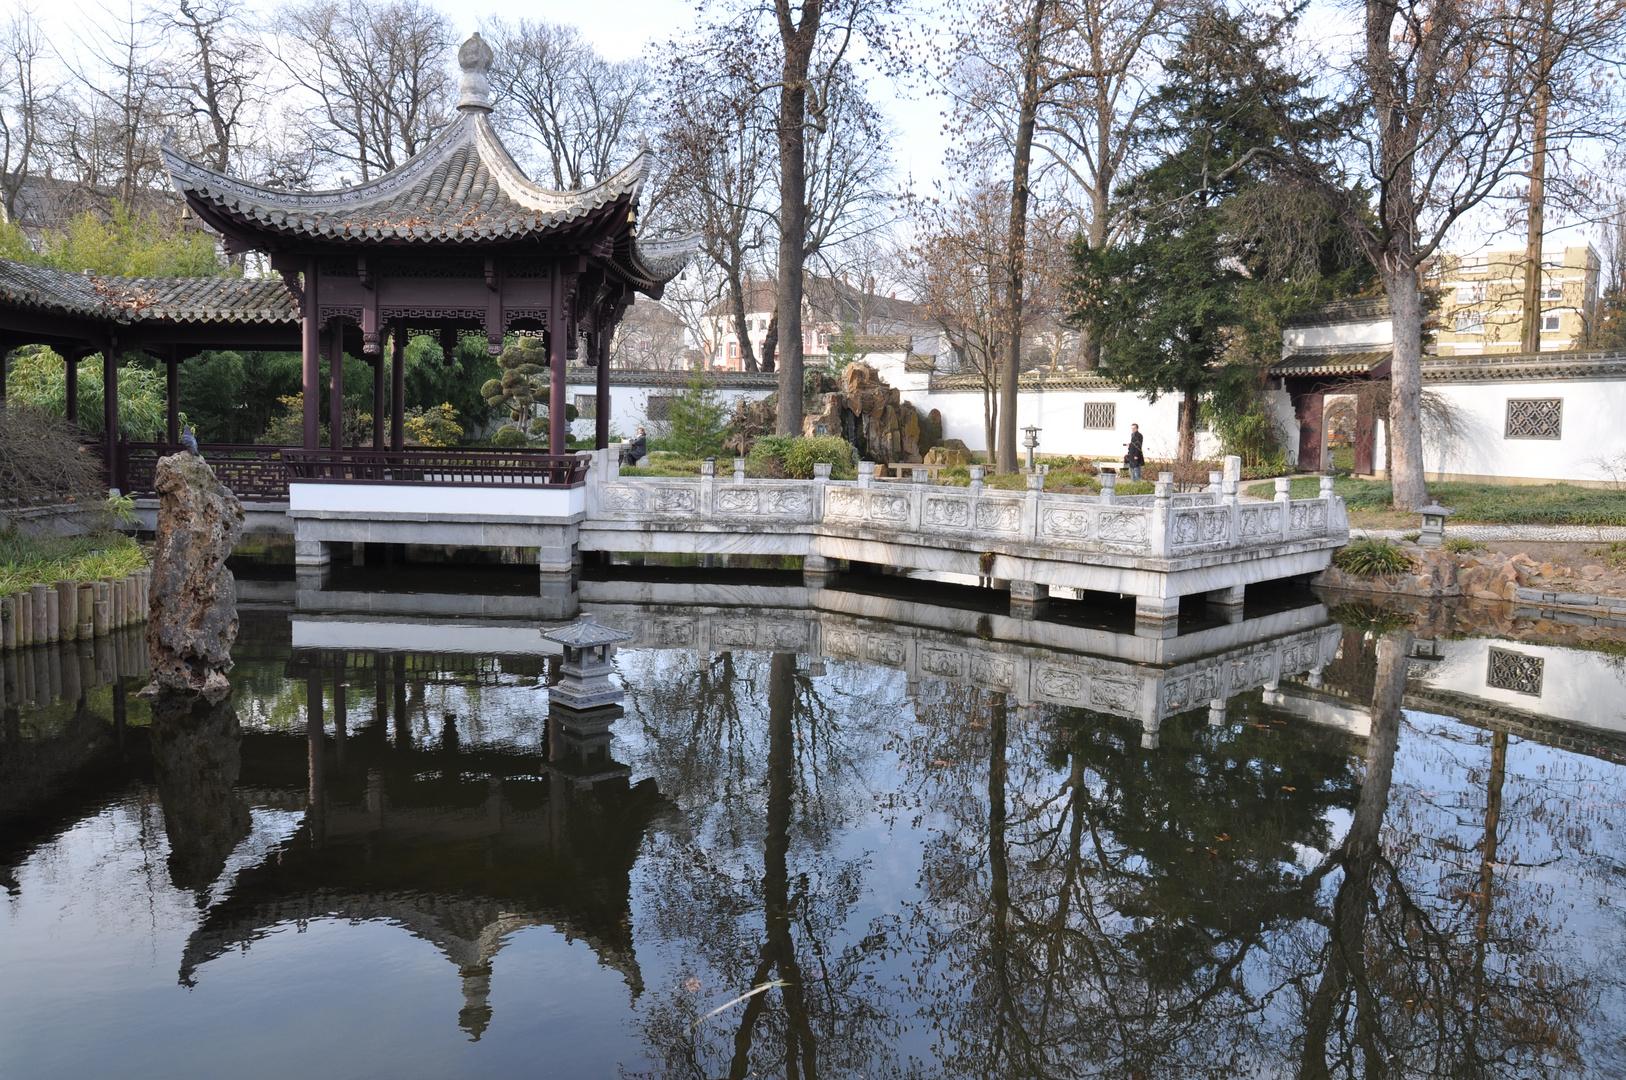 Frankfurt Chinesischer Garten